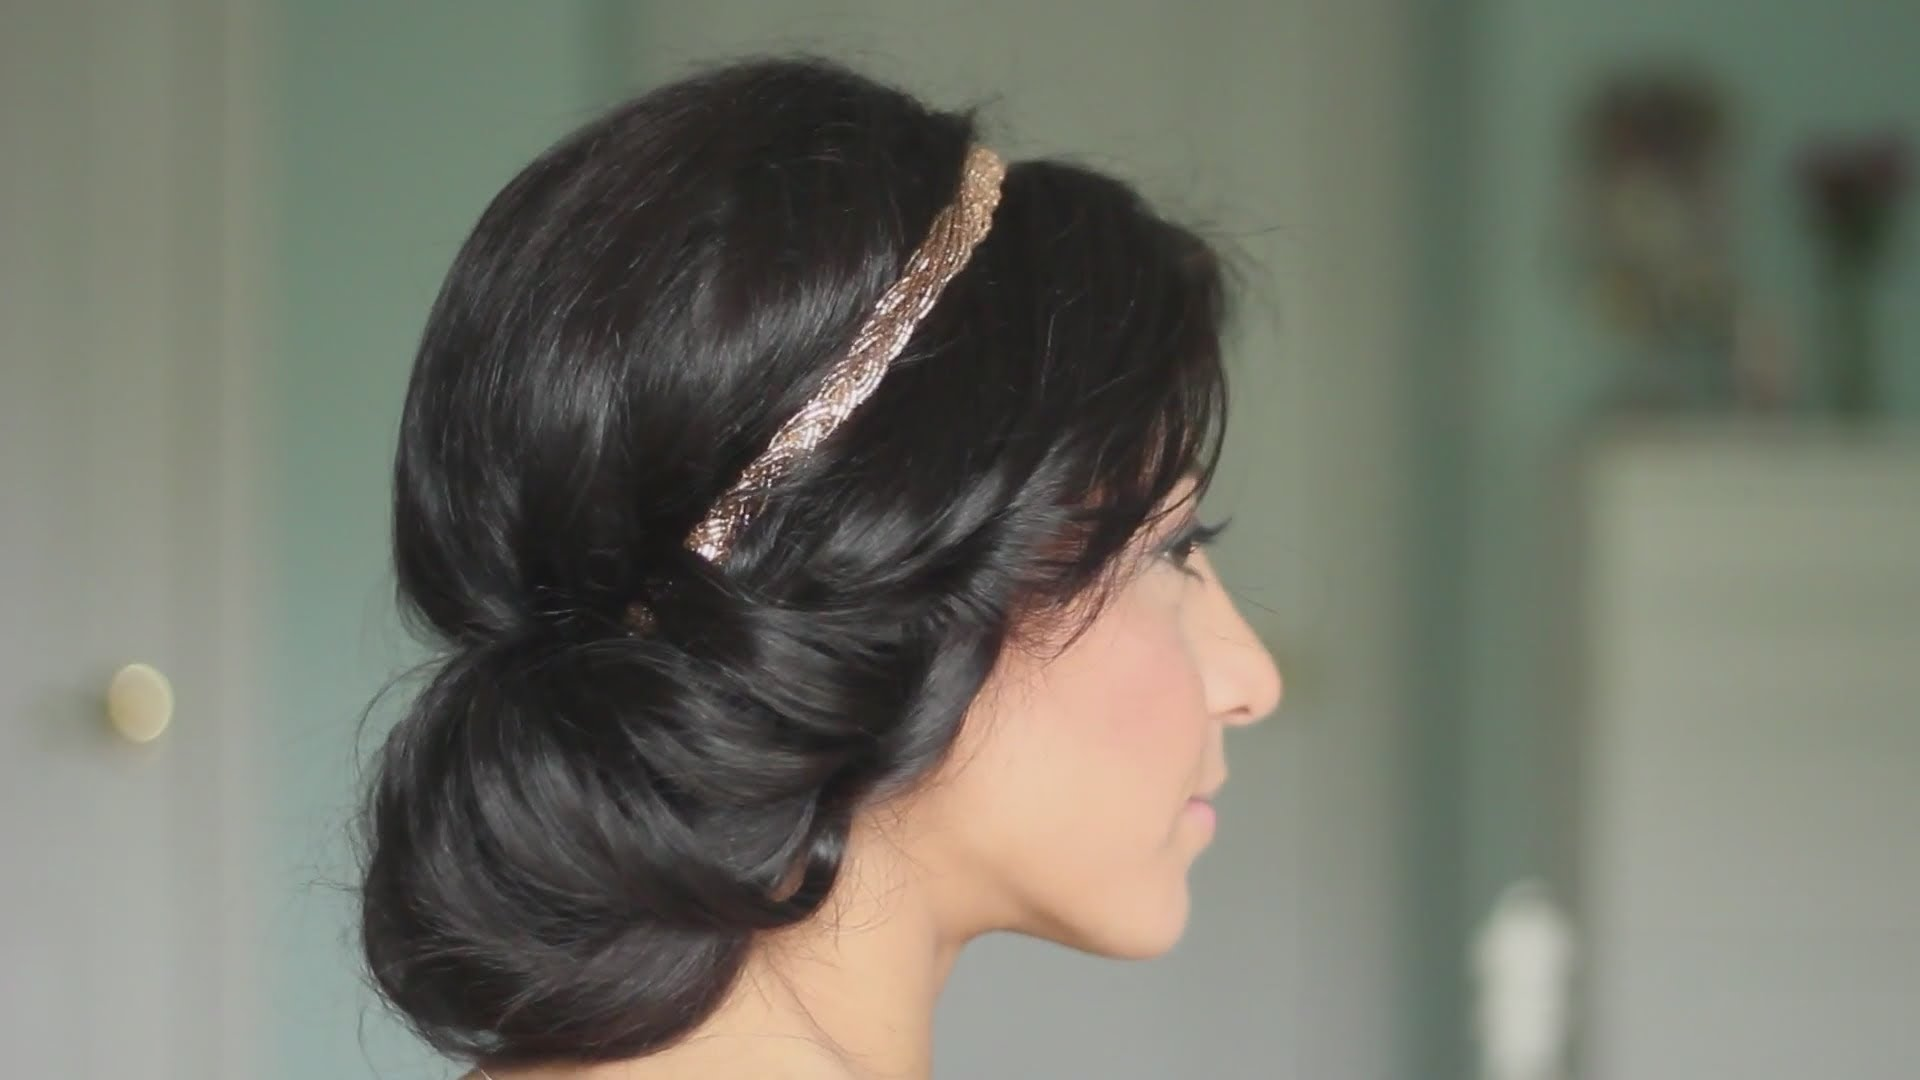 Греческие прически на средние волосы. фото с челкой, повязкой, ободком на резинке, косами, локонами, кудри. как сделать карандашом, своими руками пошагово